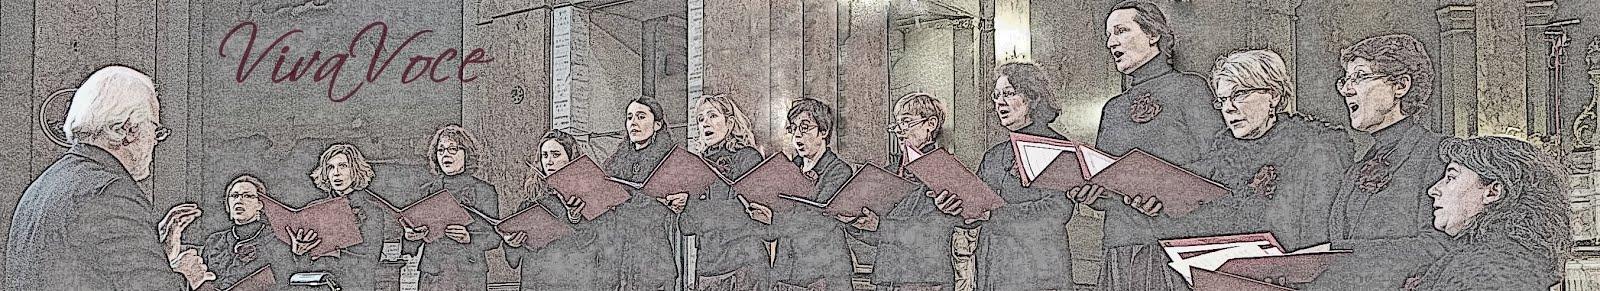 Ensemble Vocal Viva Voce